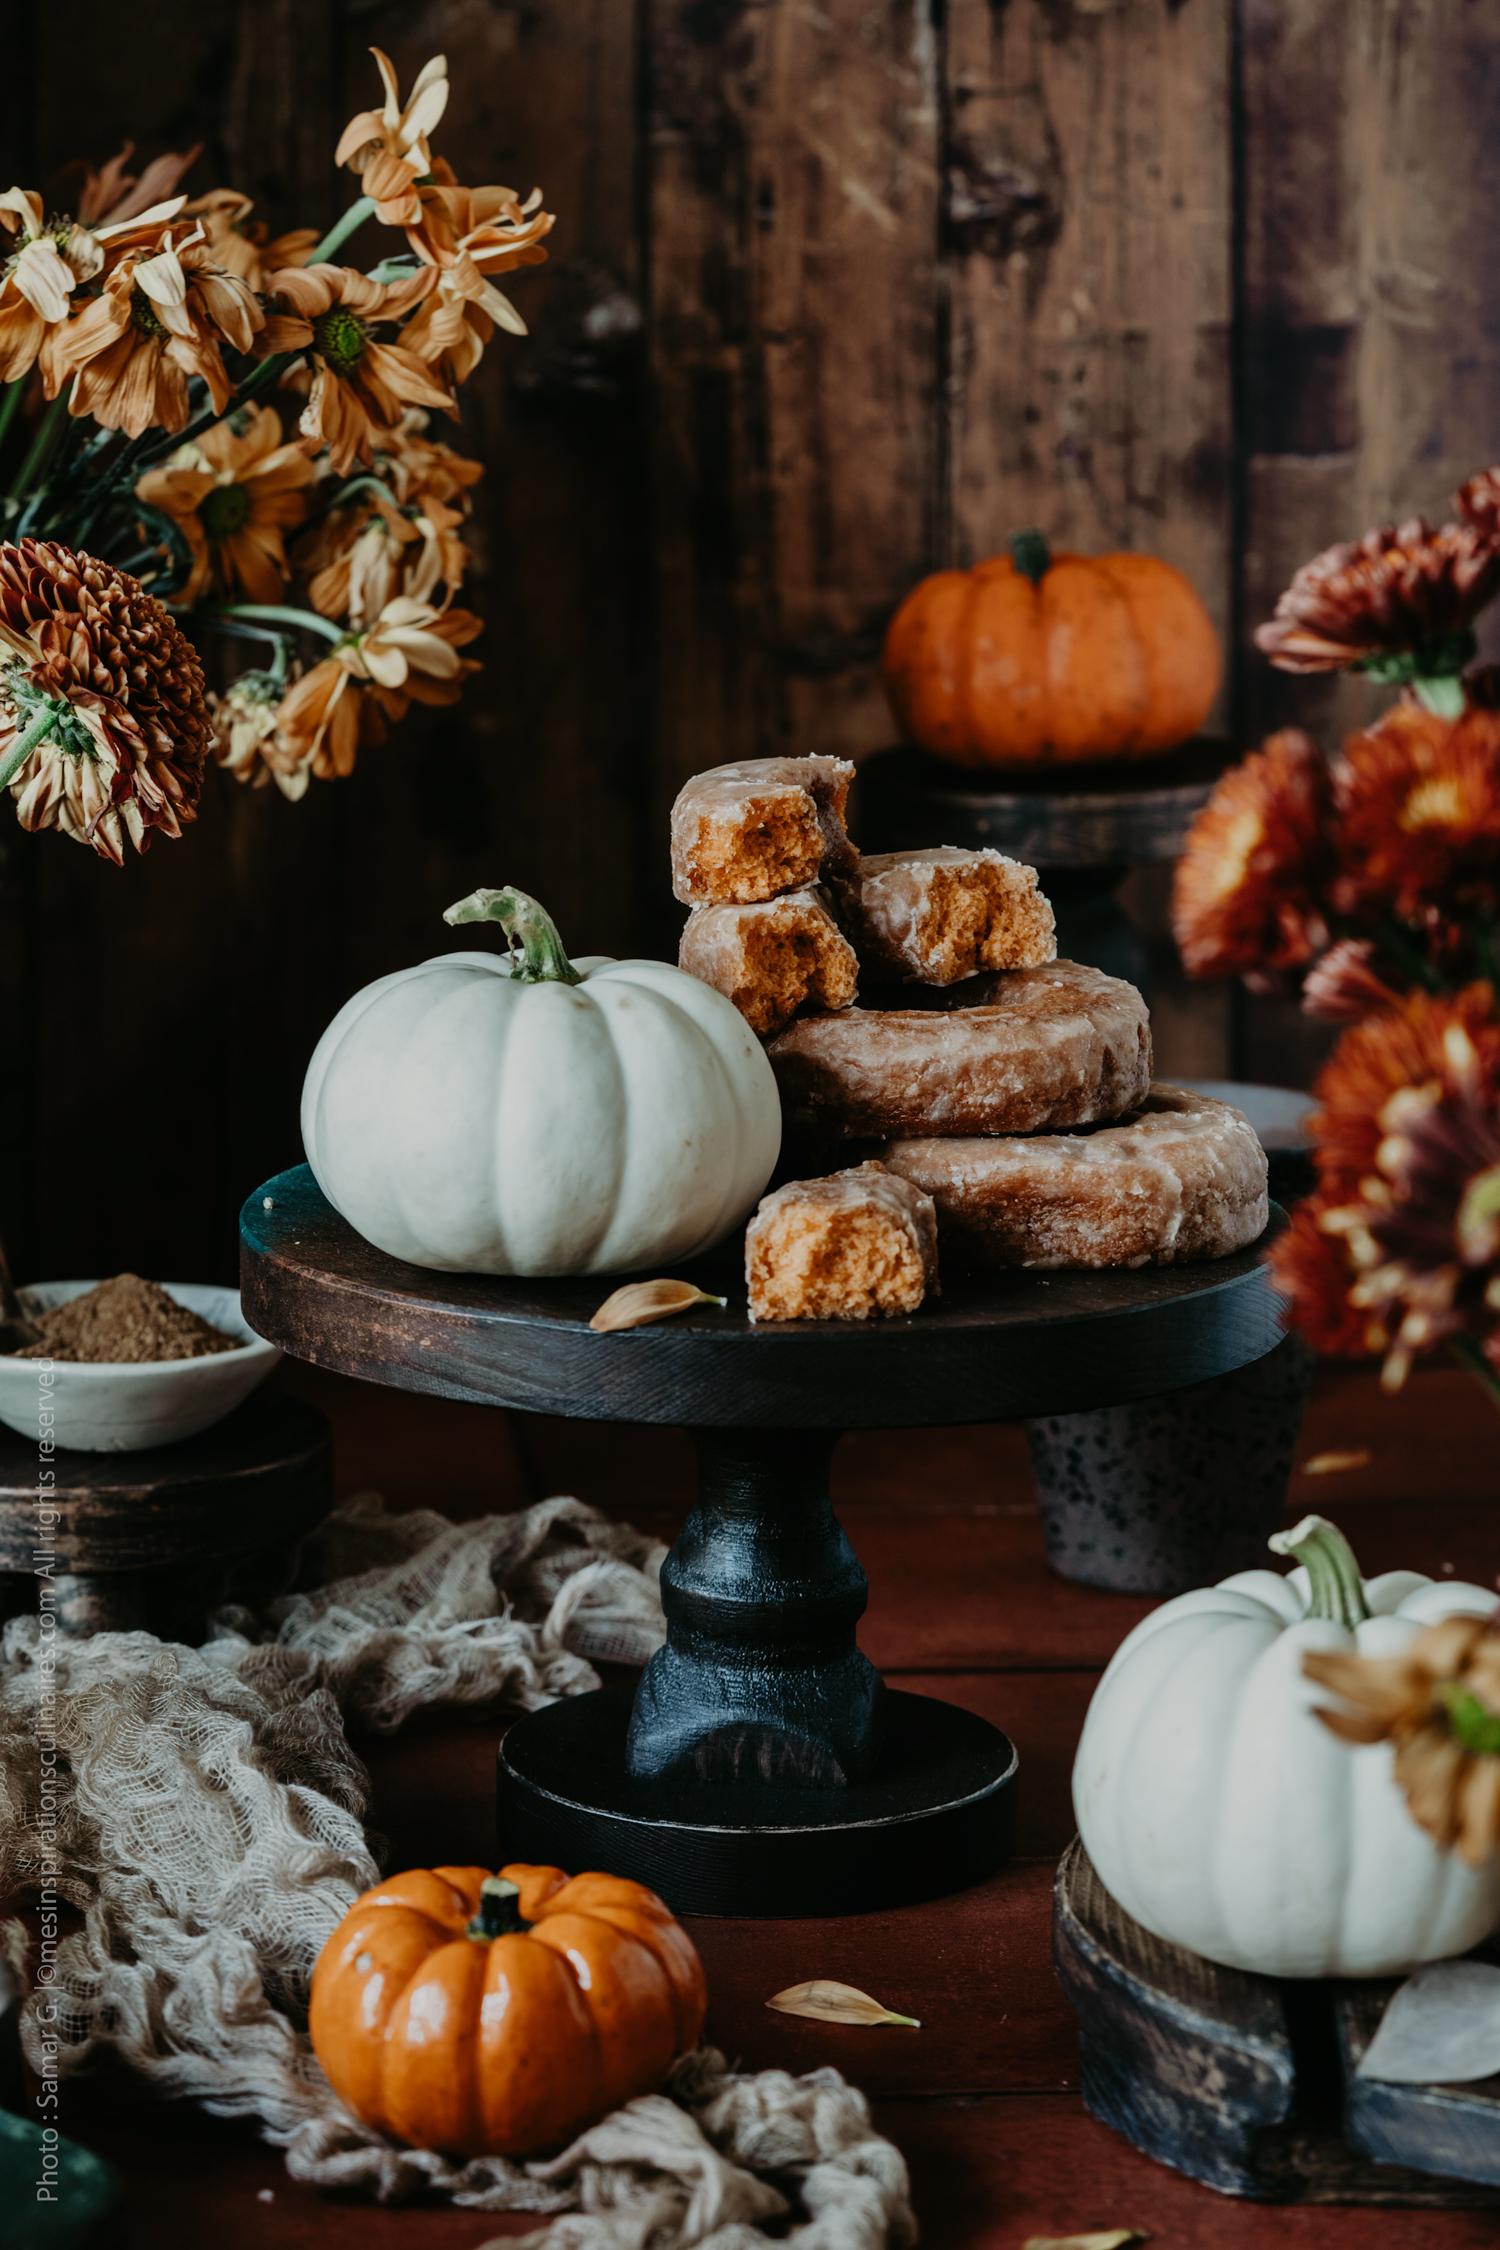 recette beignets au four à la citrouille (pumpkin)